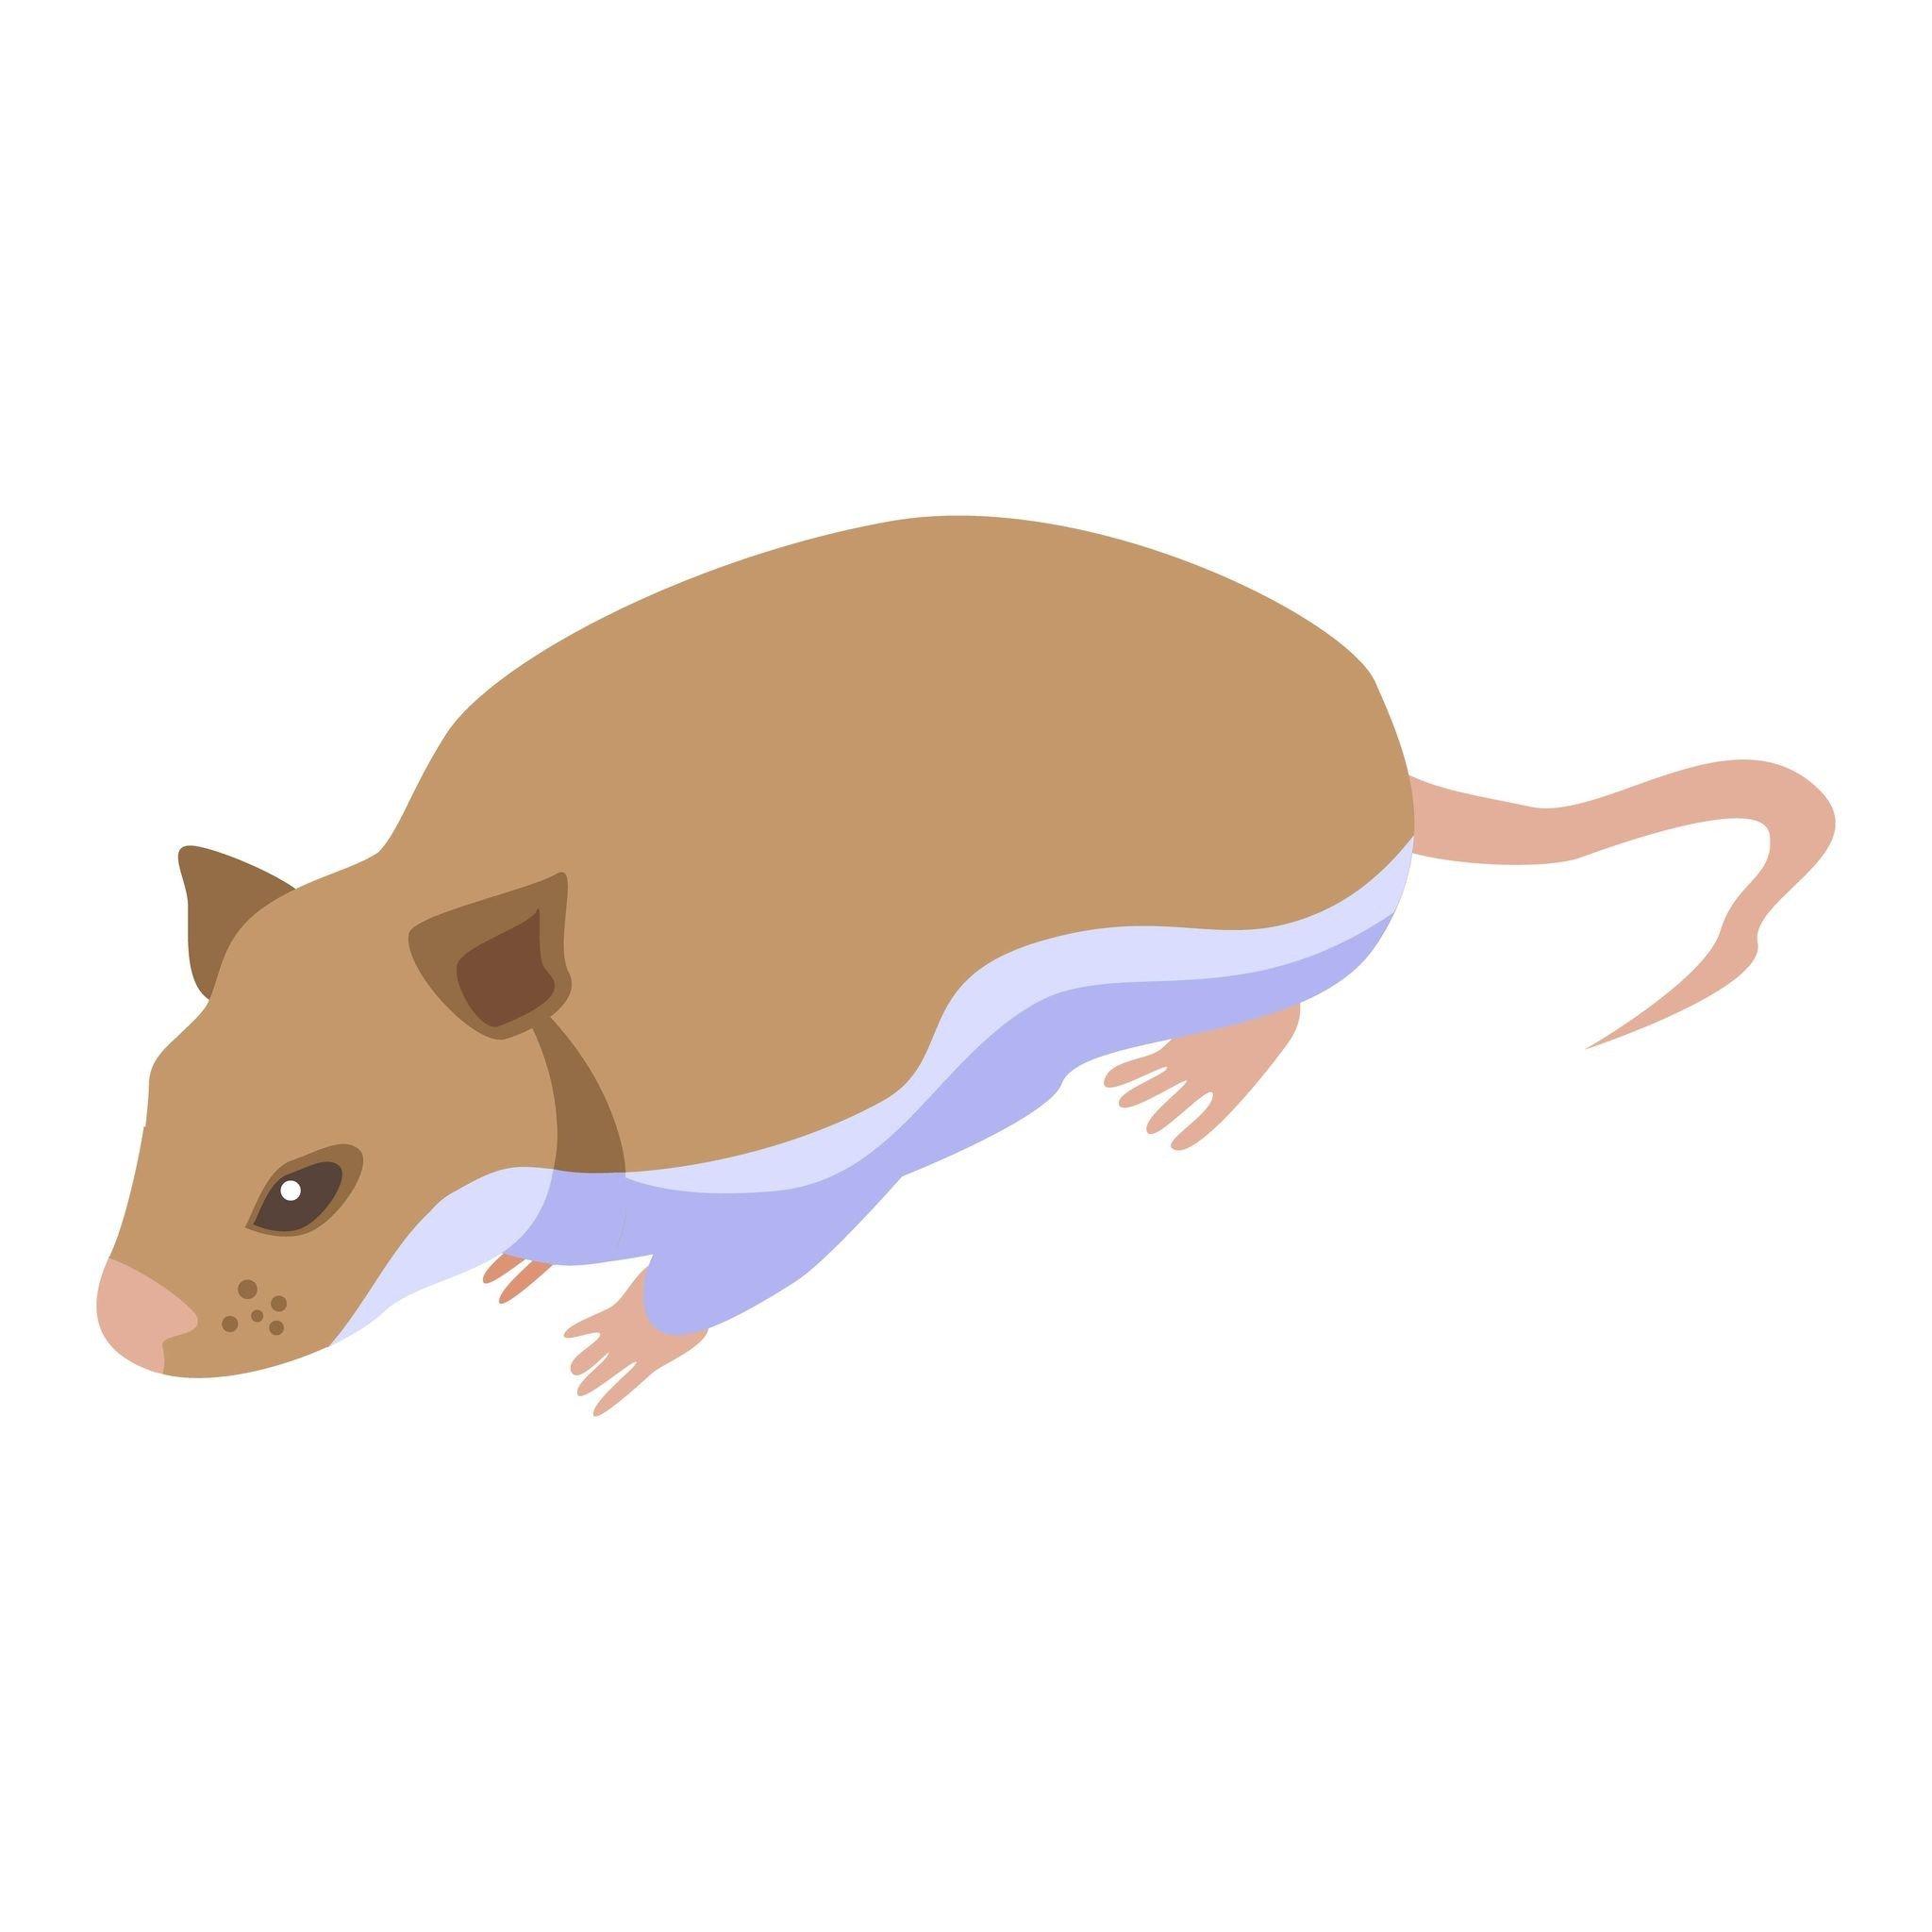 無論一般家庭或營業場所,特別是餐飲門市中最頻繁出沒小動物莫過於老鼠了,時不時咬壞物品以及偷吃東西帶來的衛生問題總是讓人頭痛不已,卡通中畫得可愛,現實生活中可一點都不討喜!